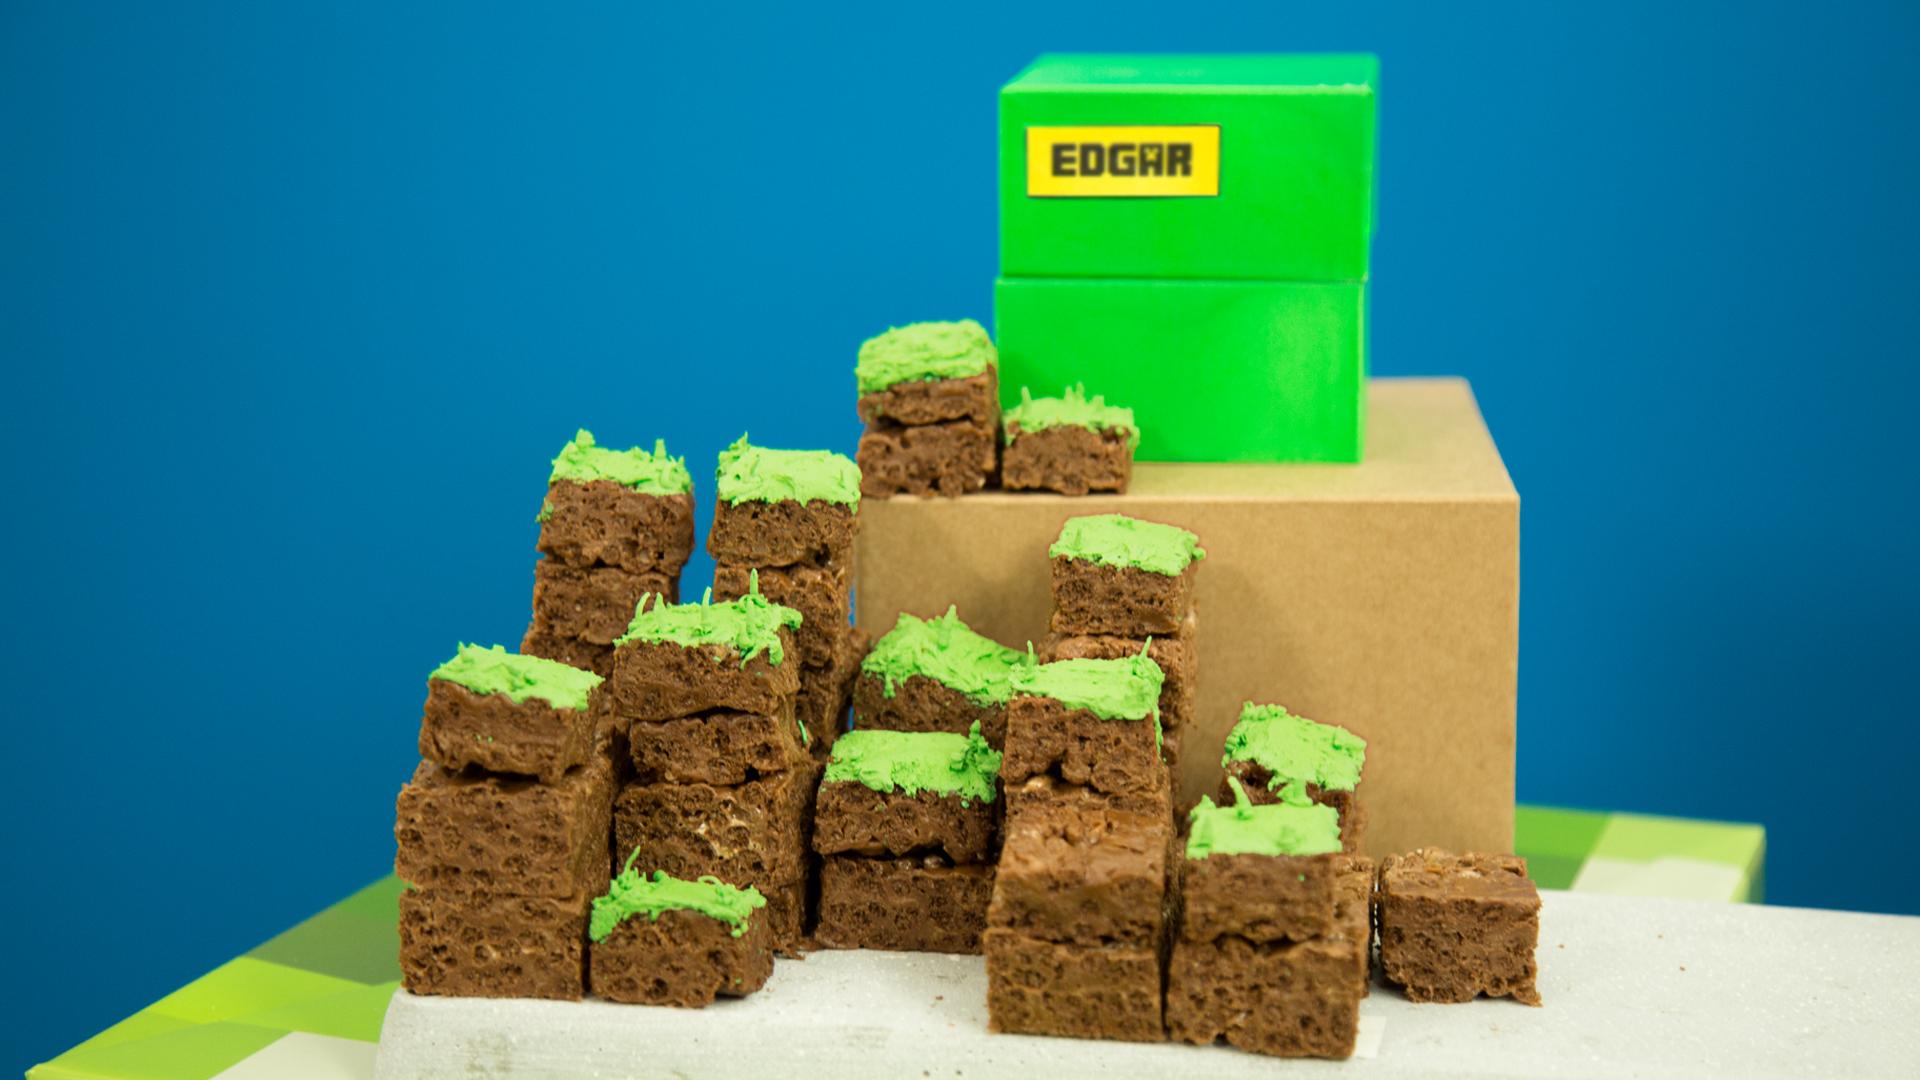 Full Size of Minecraft Rezept Blocks Aus Schoko Reis Küche Sonoma Eiche Treteimer Mini Wanduhr Keramik Waschbecken Aufbewahrungsbehälter Grifflose Was Kostet Eine Holz Wohnzimmer Minecraft Küche